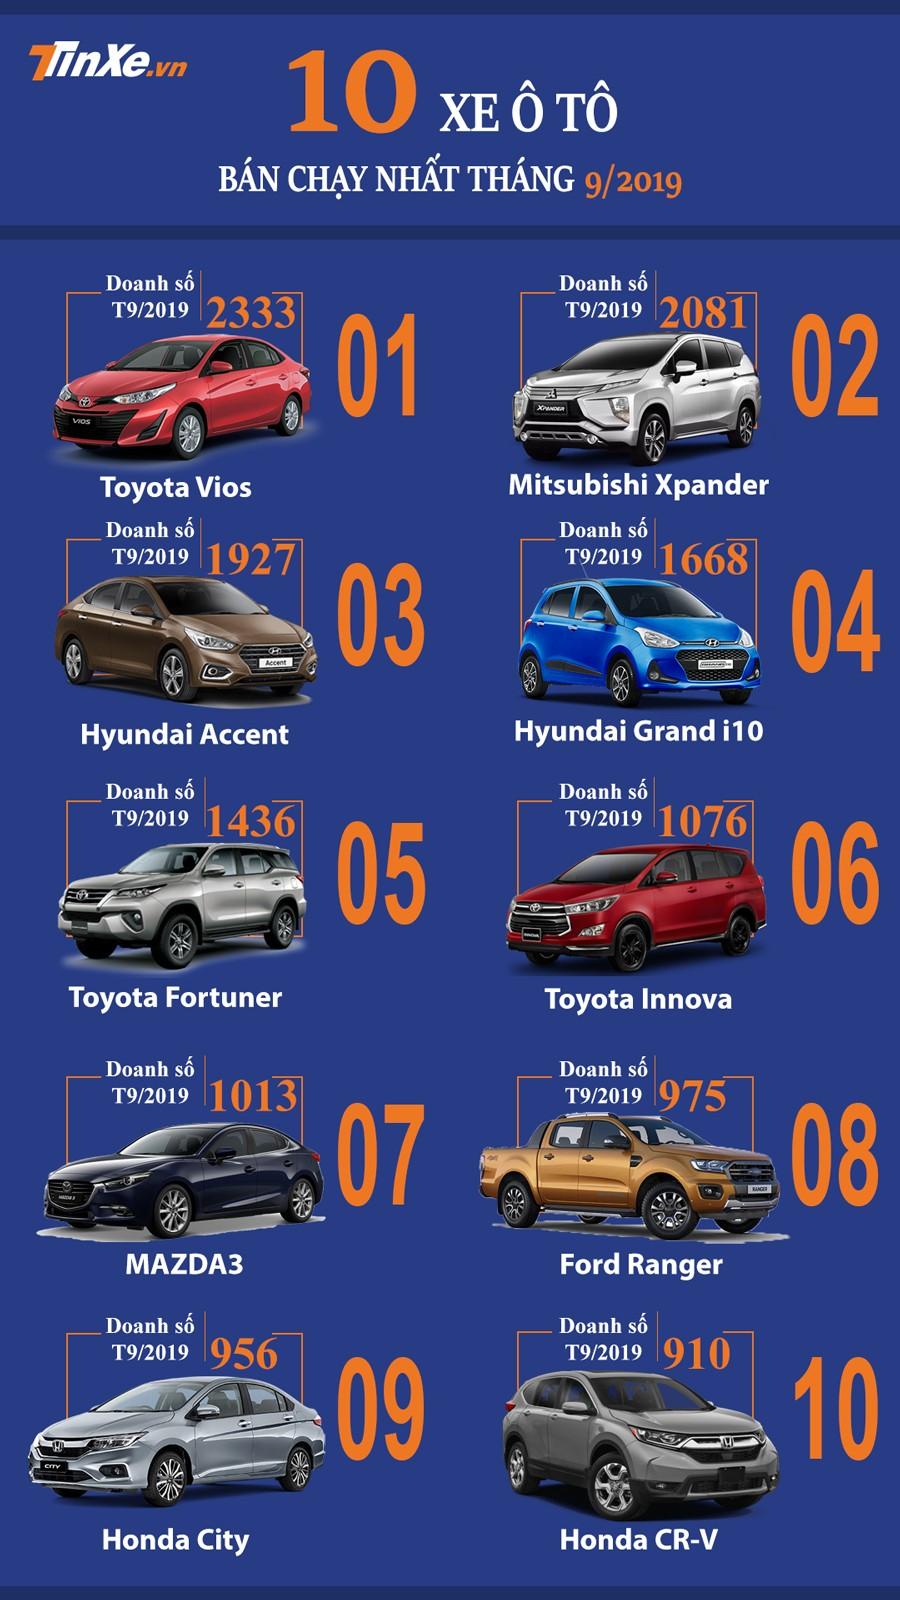 Top 10 mẫu ô tô bán chạy nhất thị trường Việt Nam tháng 9/2019